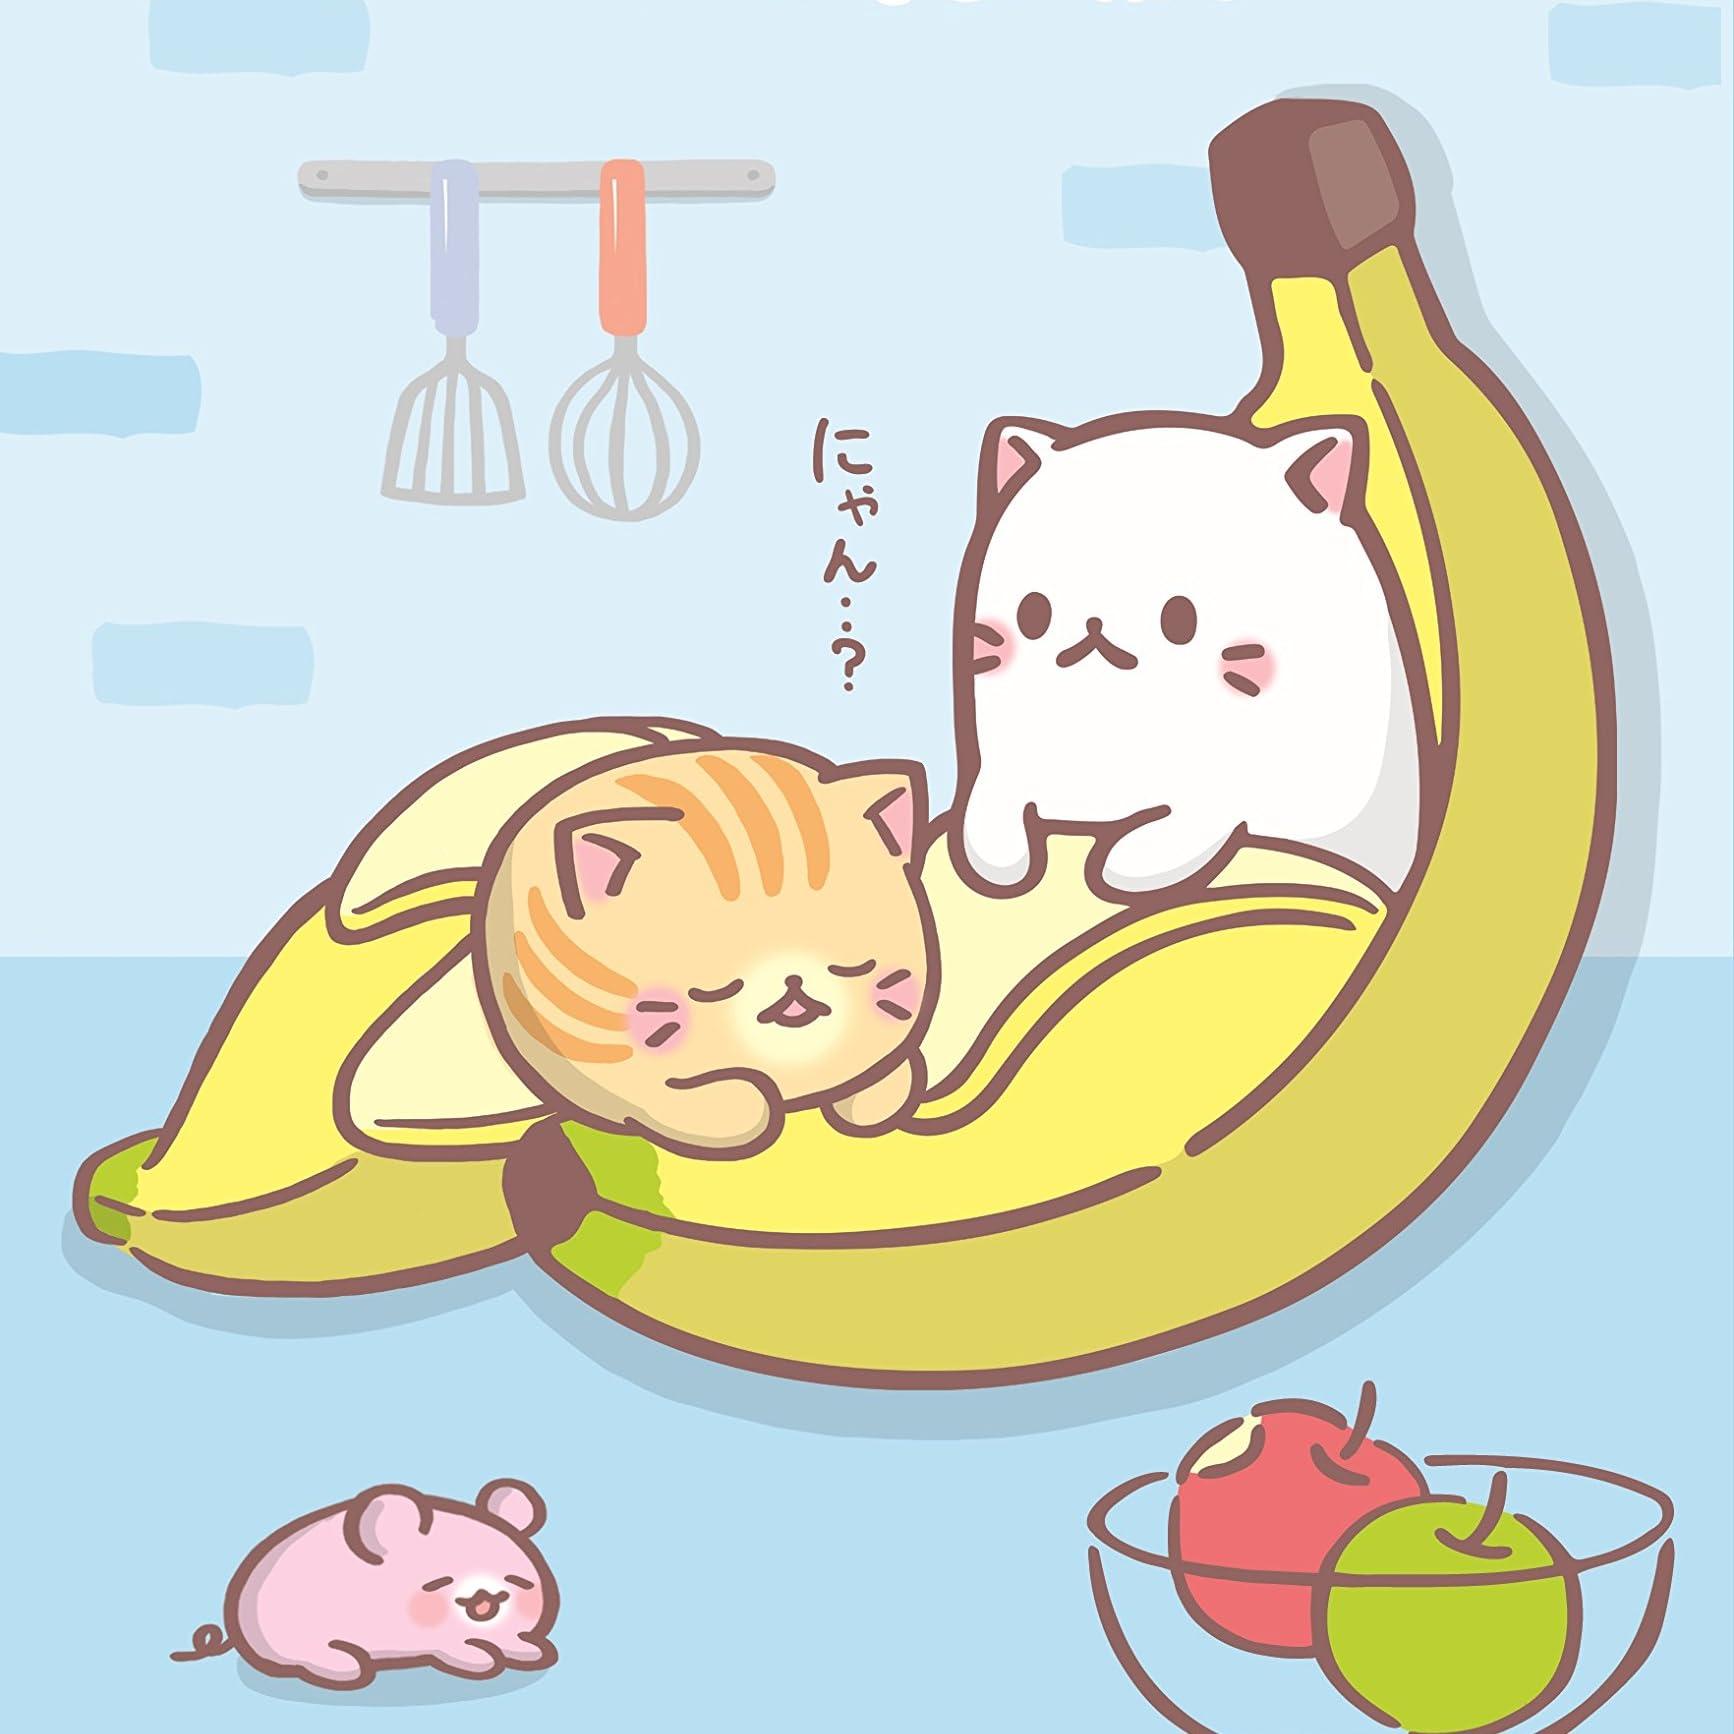 ばなにゃ Ipad壁紙 バナナにひそむにゃんこ とらばなにゃ アニメ